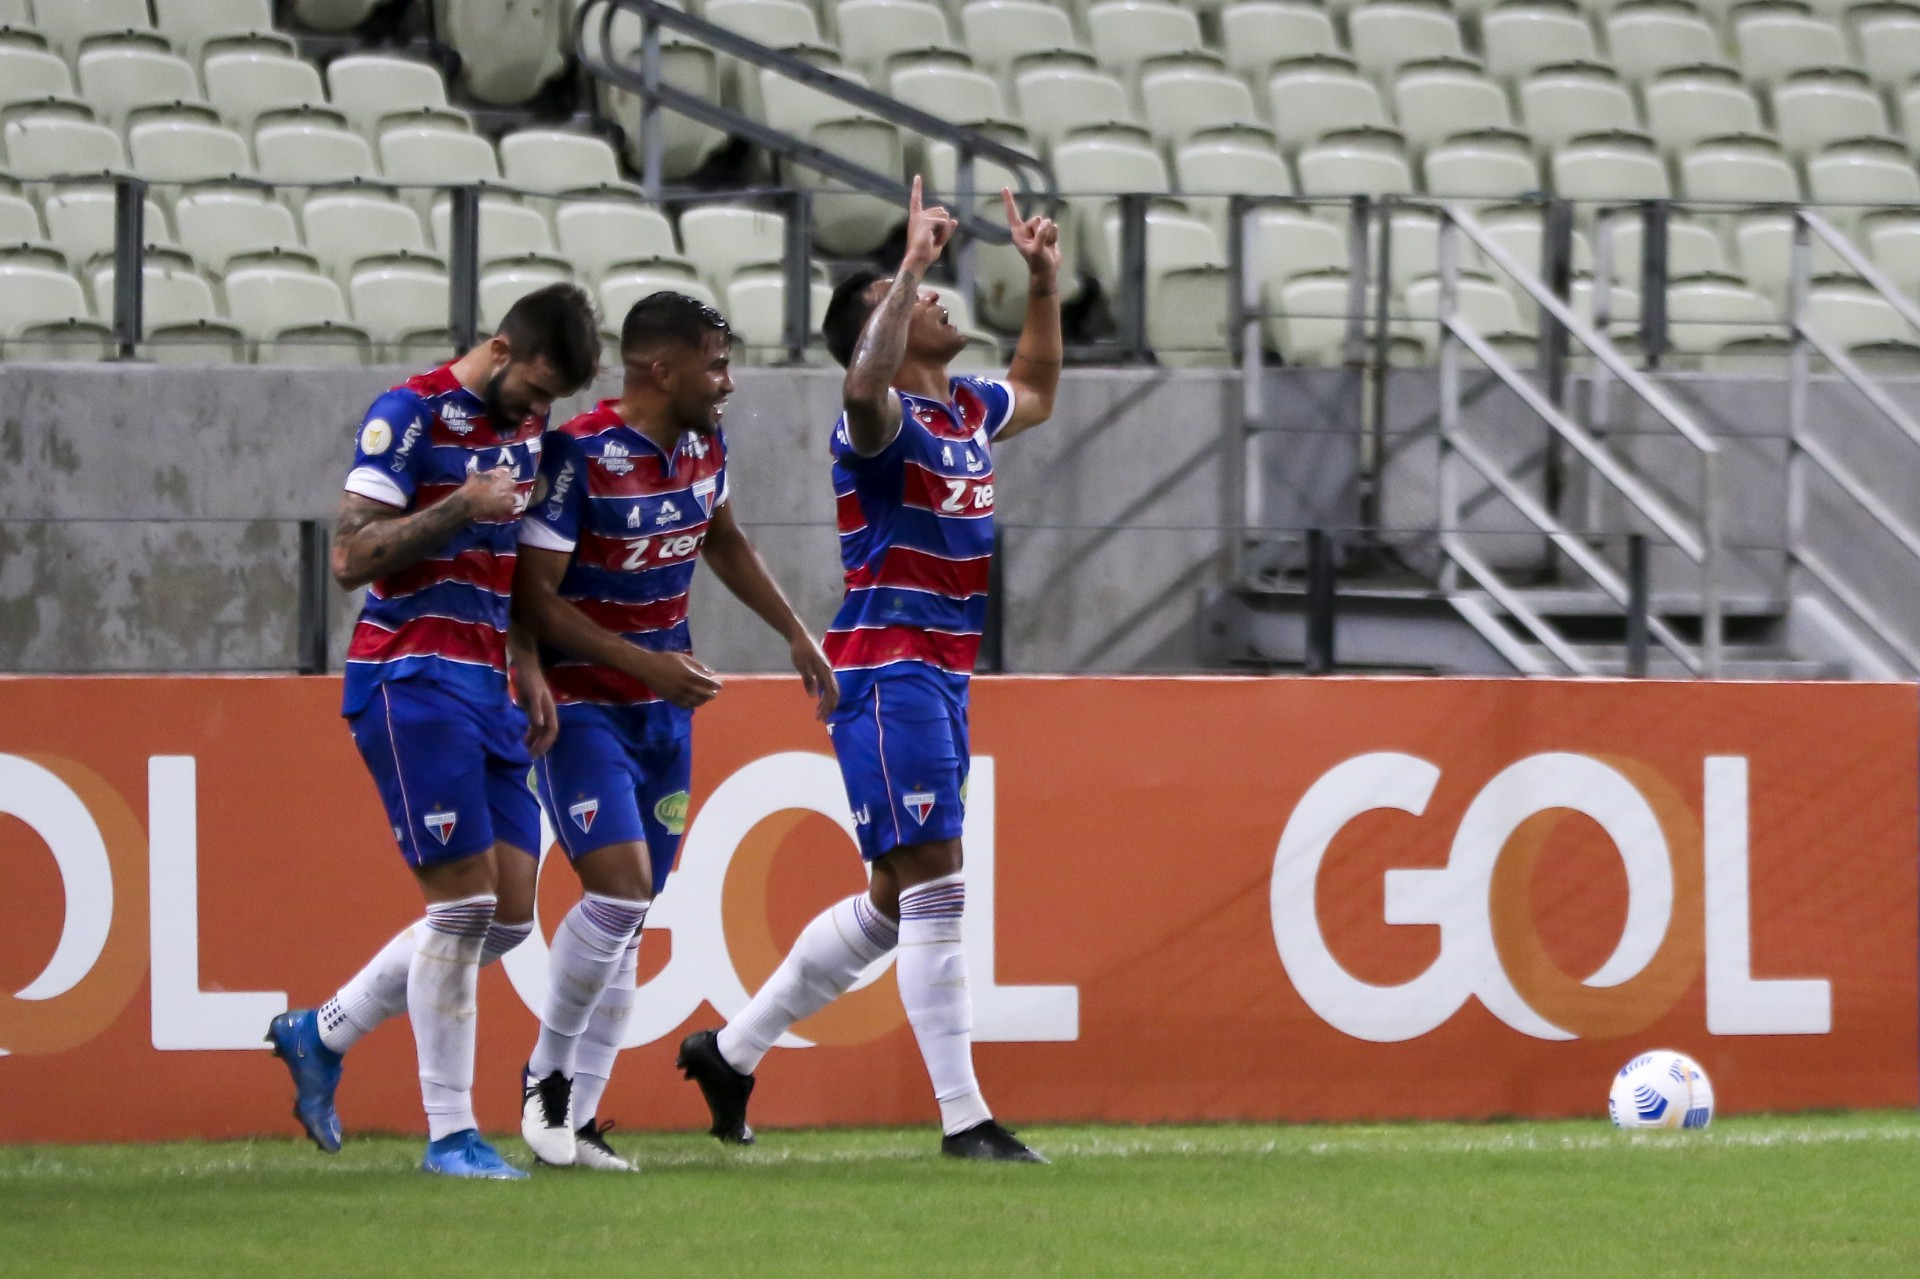 Robson, jogador do Fortaleza, comemora seu gol com jogadores do seu time durante partida contra o Corinthians pelo campeonato Brasileiro 2021 (Foto: Fabio Lima / Jornal O POVO)